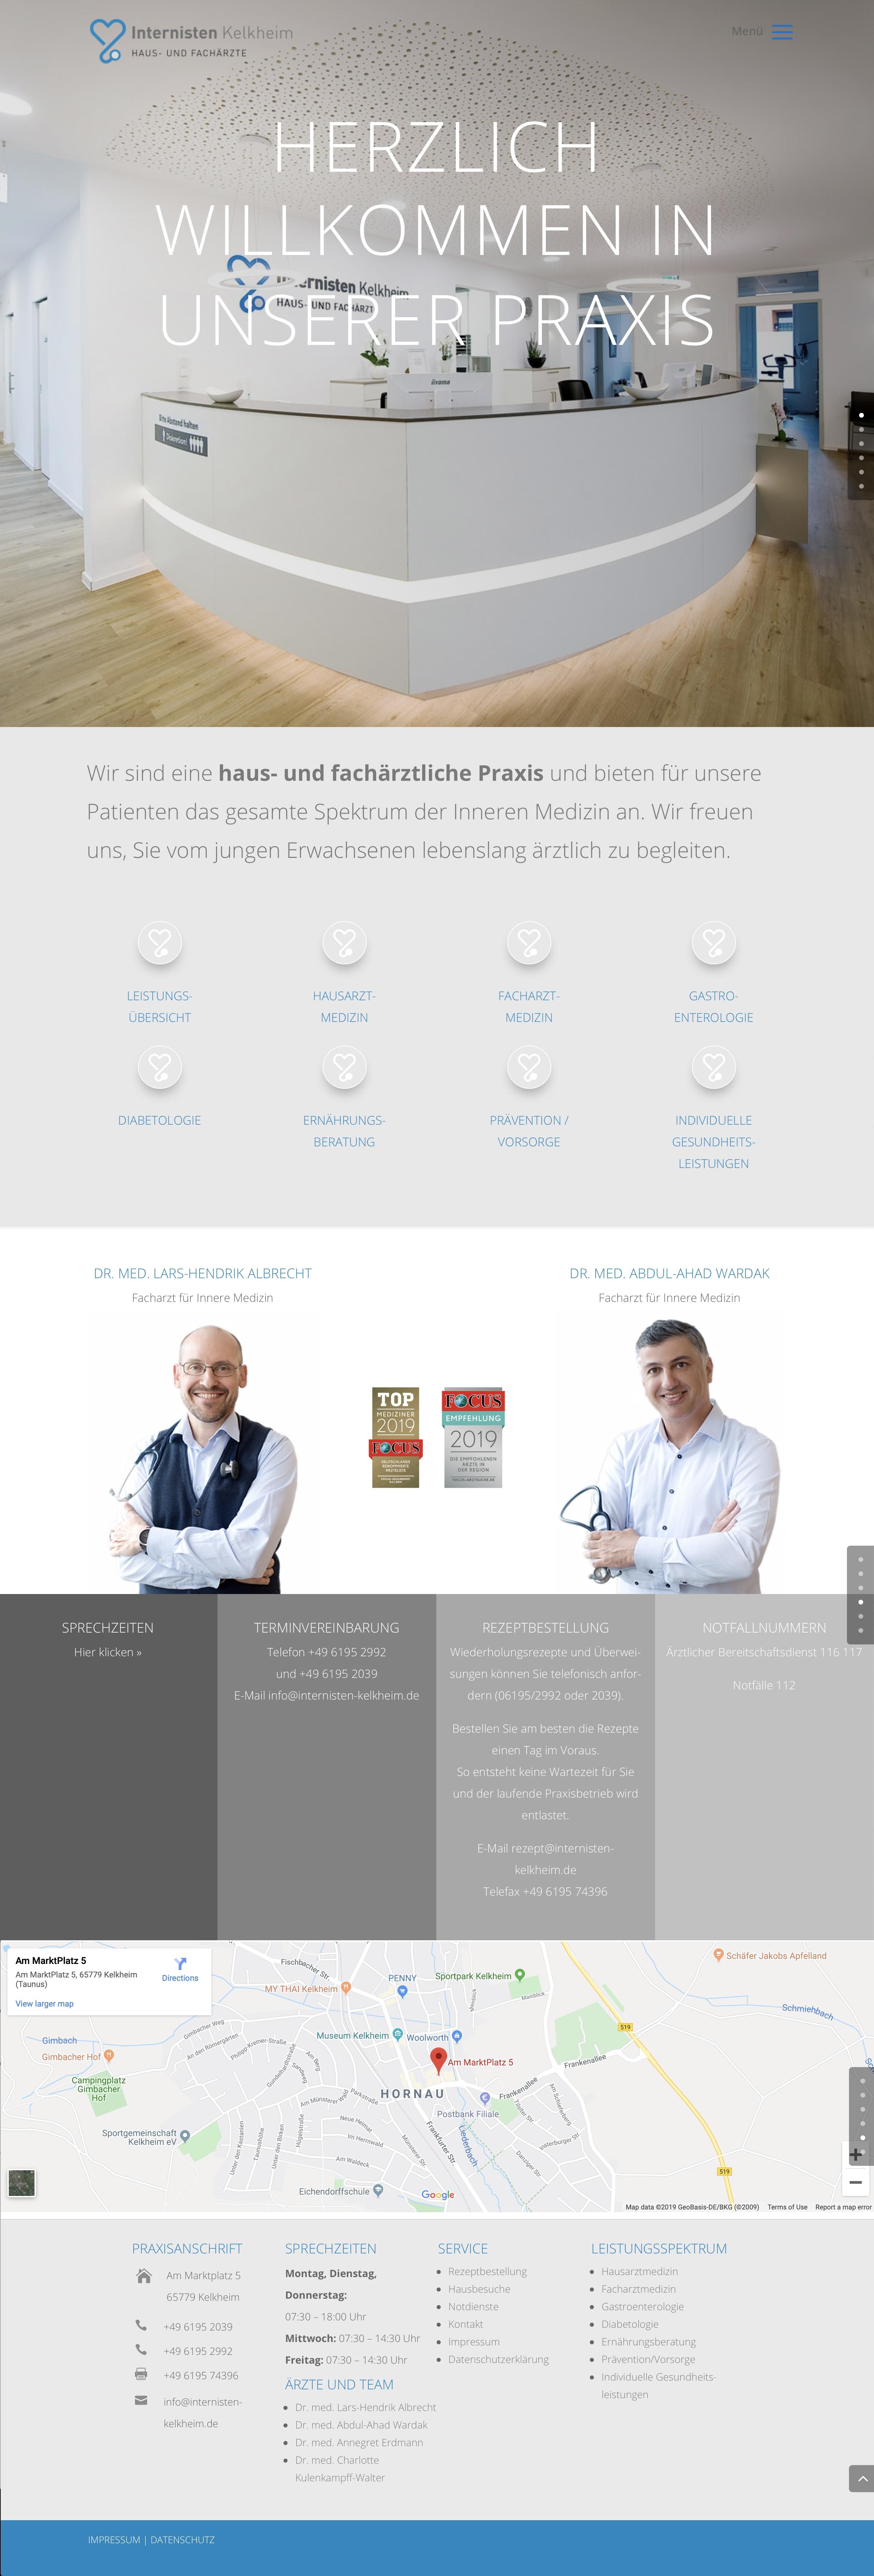 Homepage Entwicklung für Internisten Praxis durch Ronald Wissler | Visuelle Kommunikation